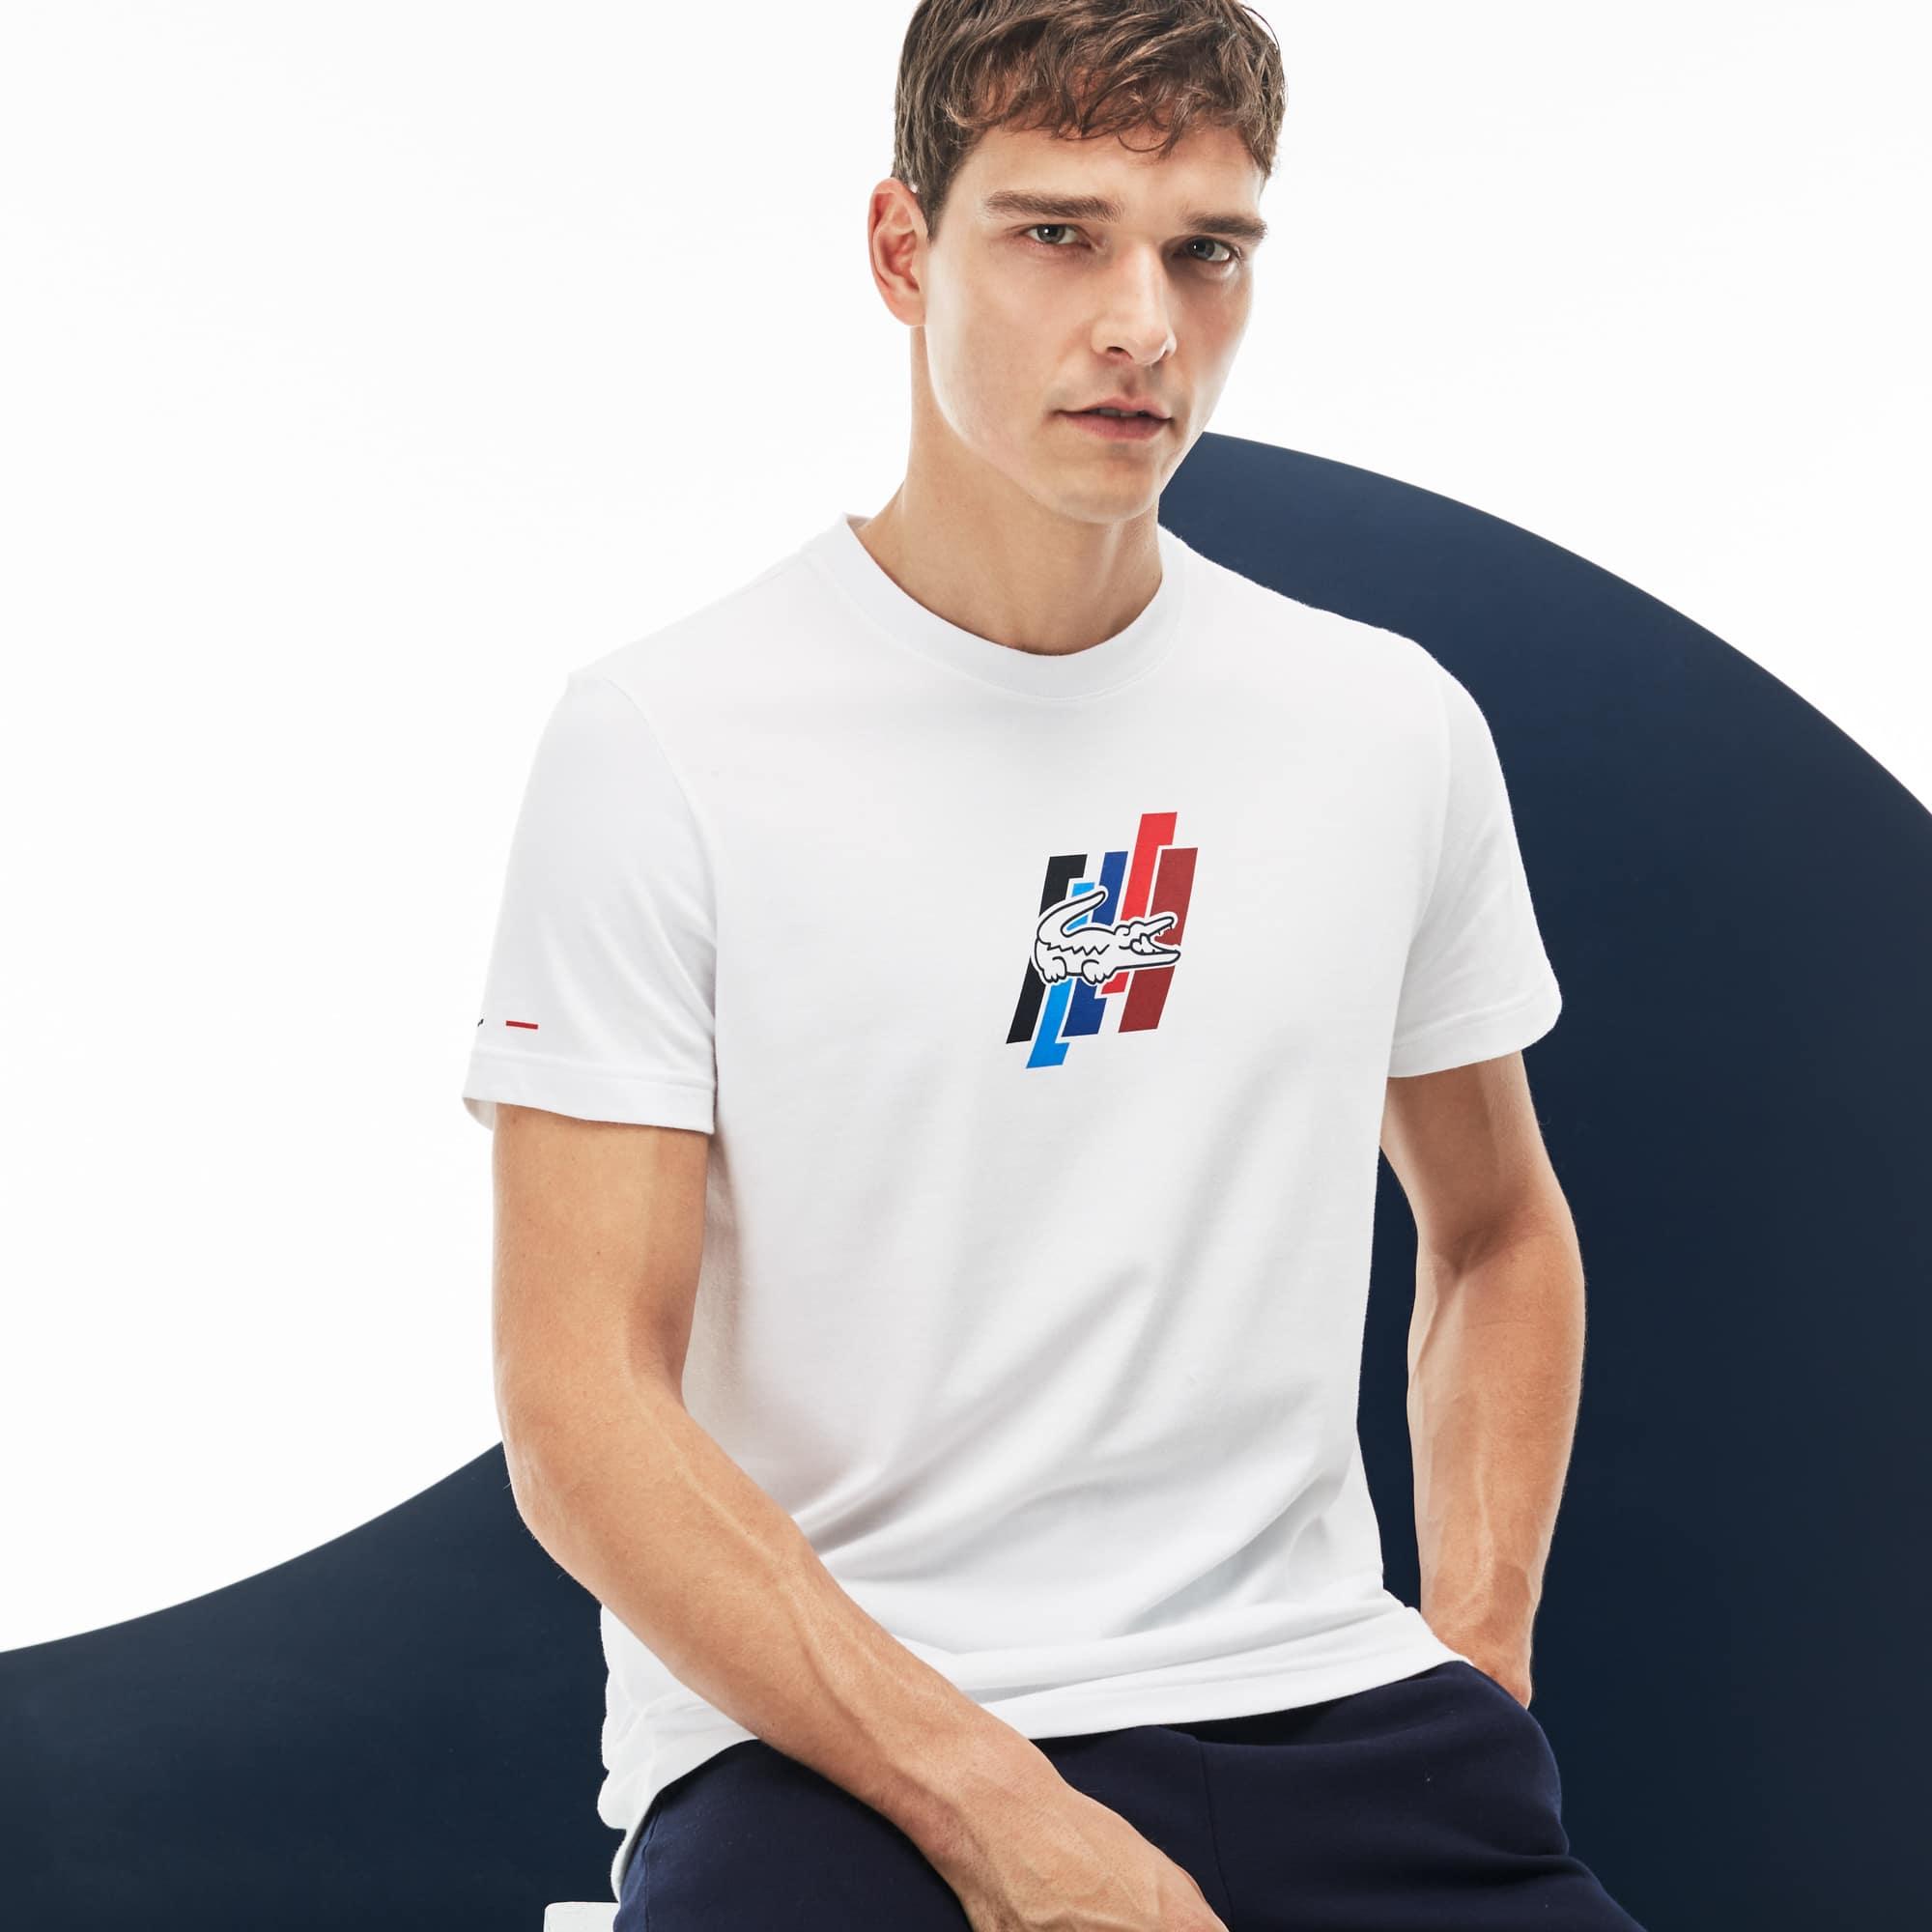 Herren-Rundhals-Shirt aus Jersey LACOSTE SPORT JEUX OLYMPIQUES